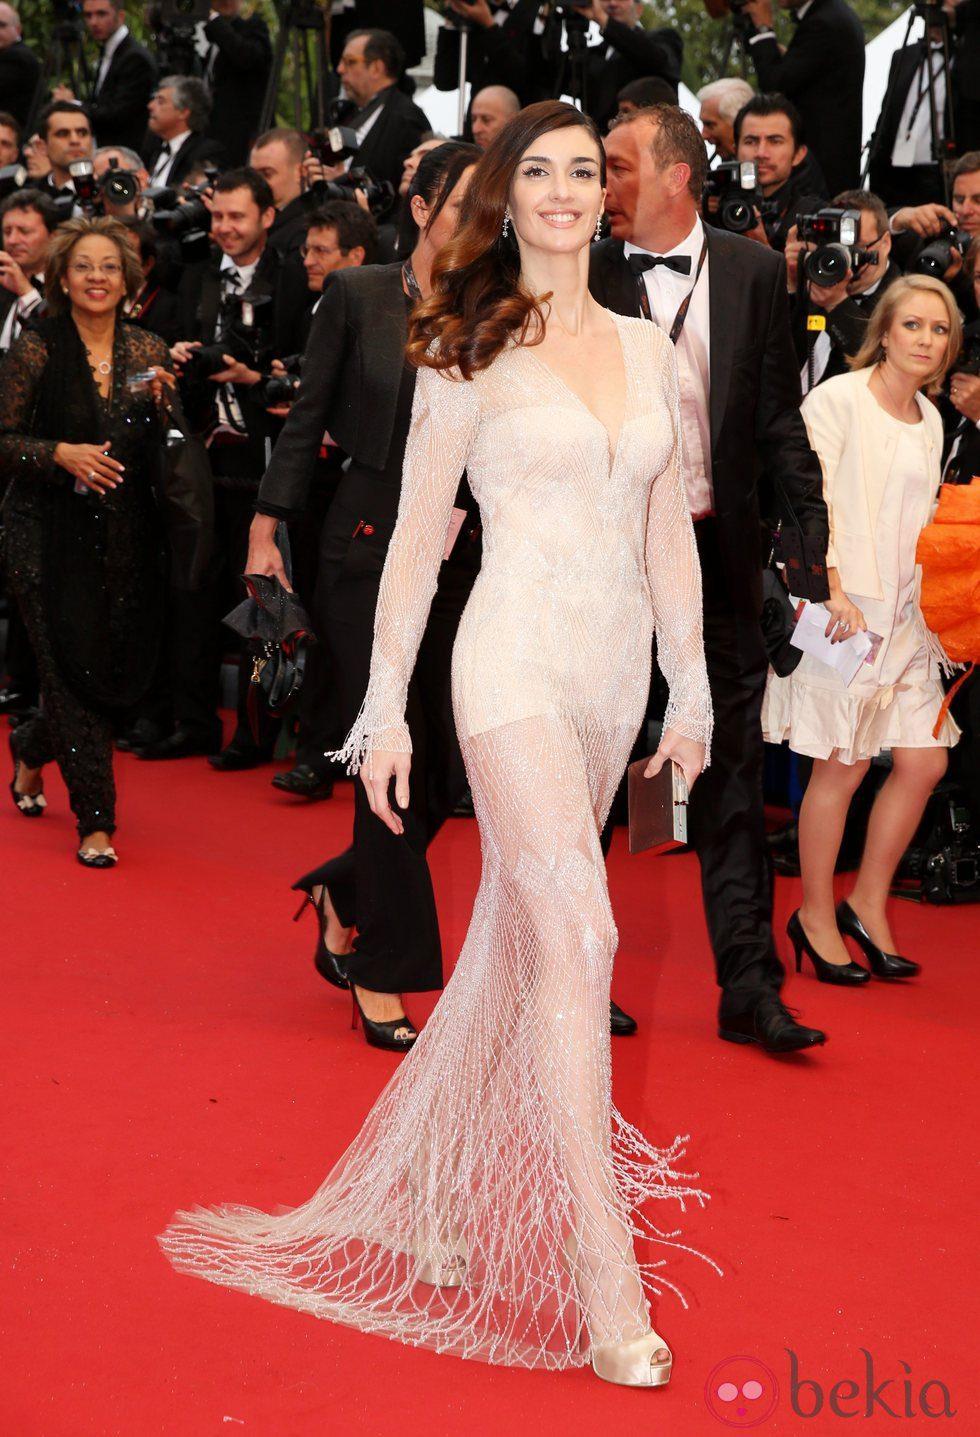 Paz Vega en la ceremonia de apertura del Festival de Cannes 2013